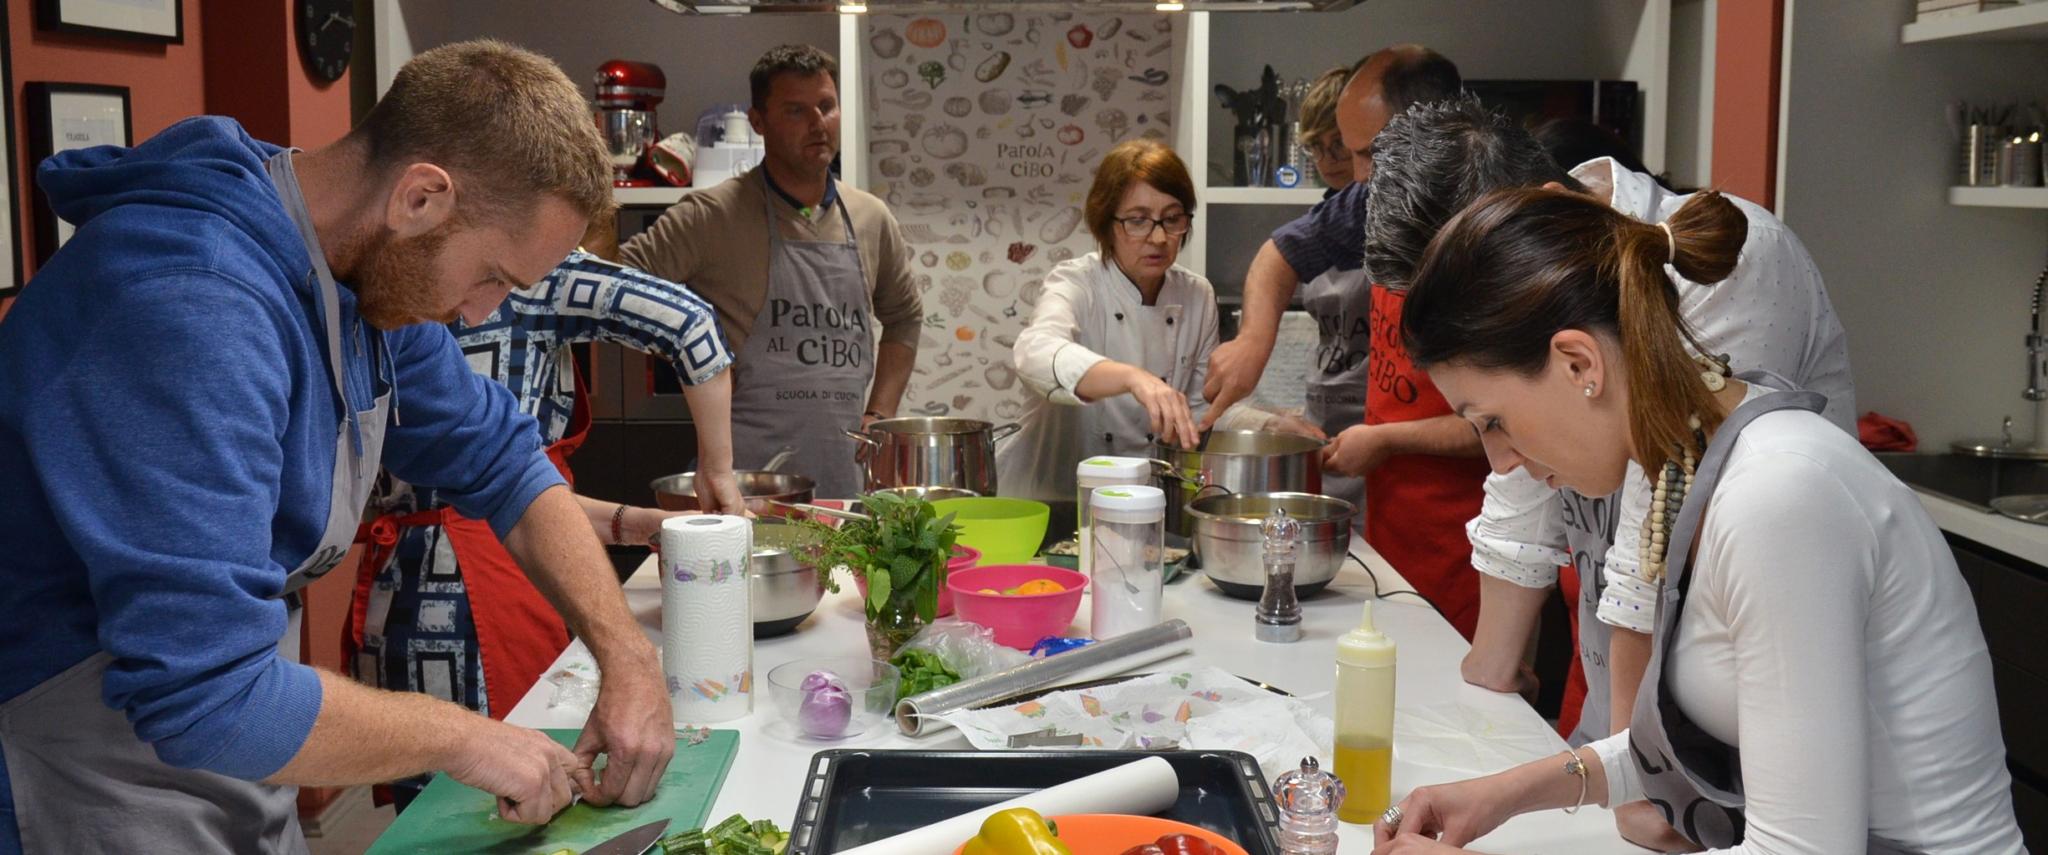 Scuola di cucina parola irene corsi collettivi